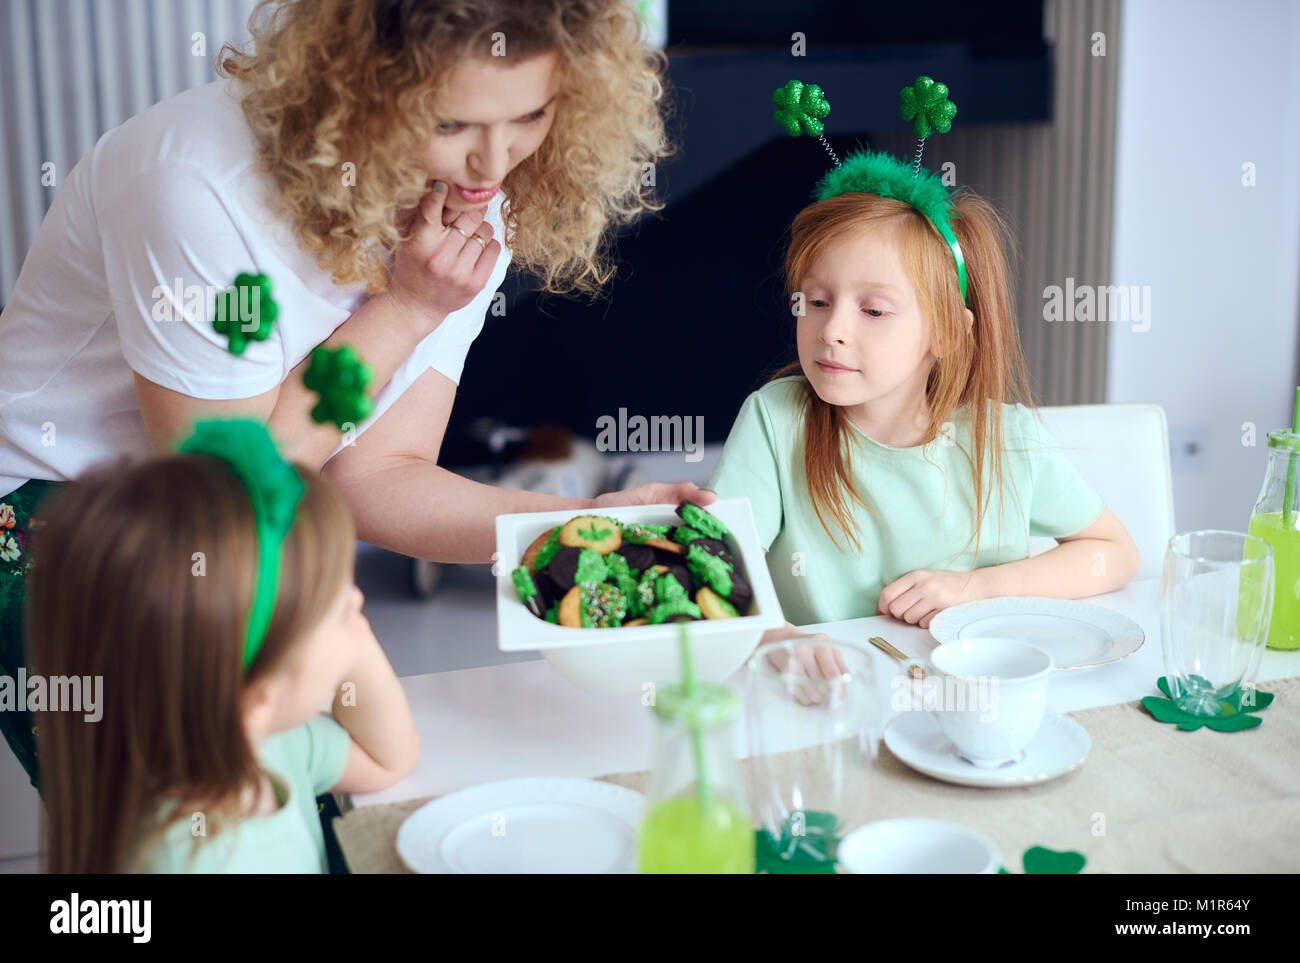 Mother offering children tasty cookies - Stock Image